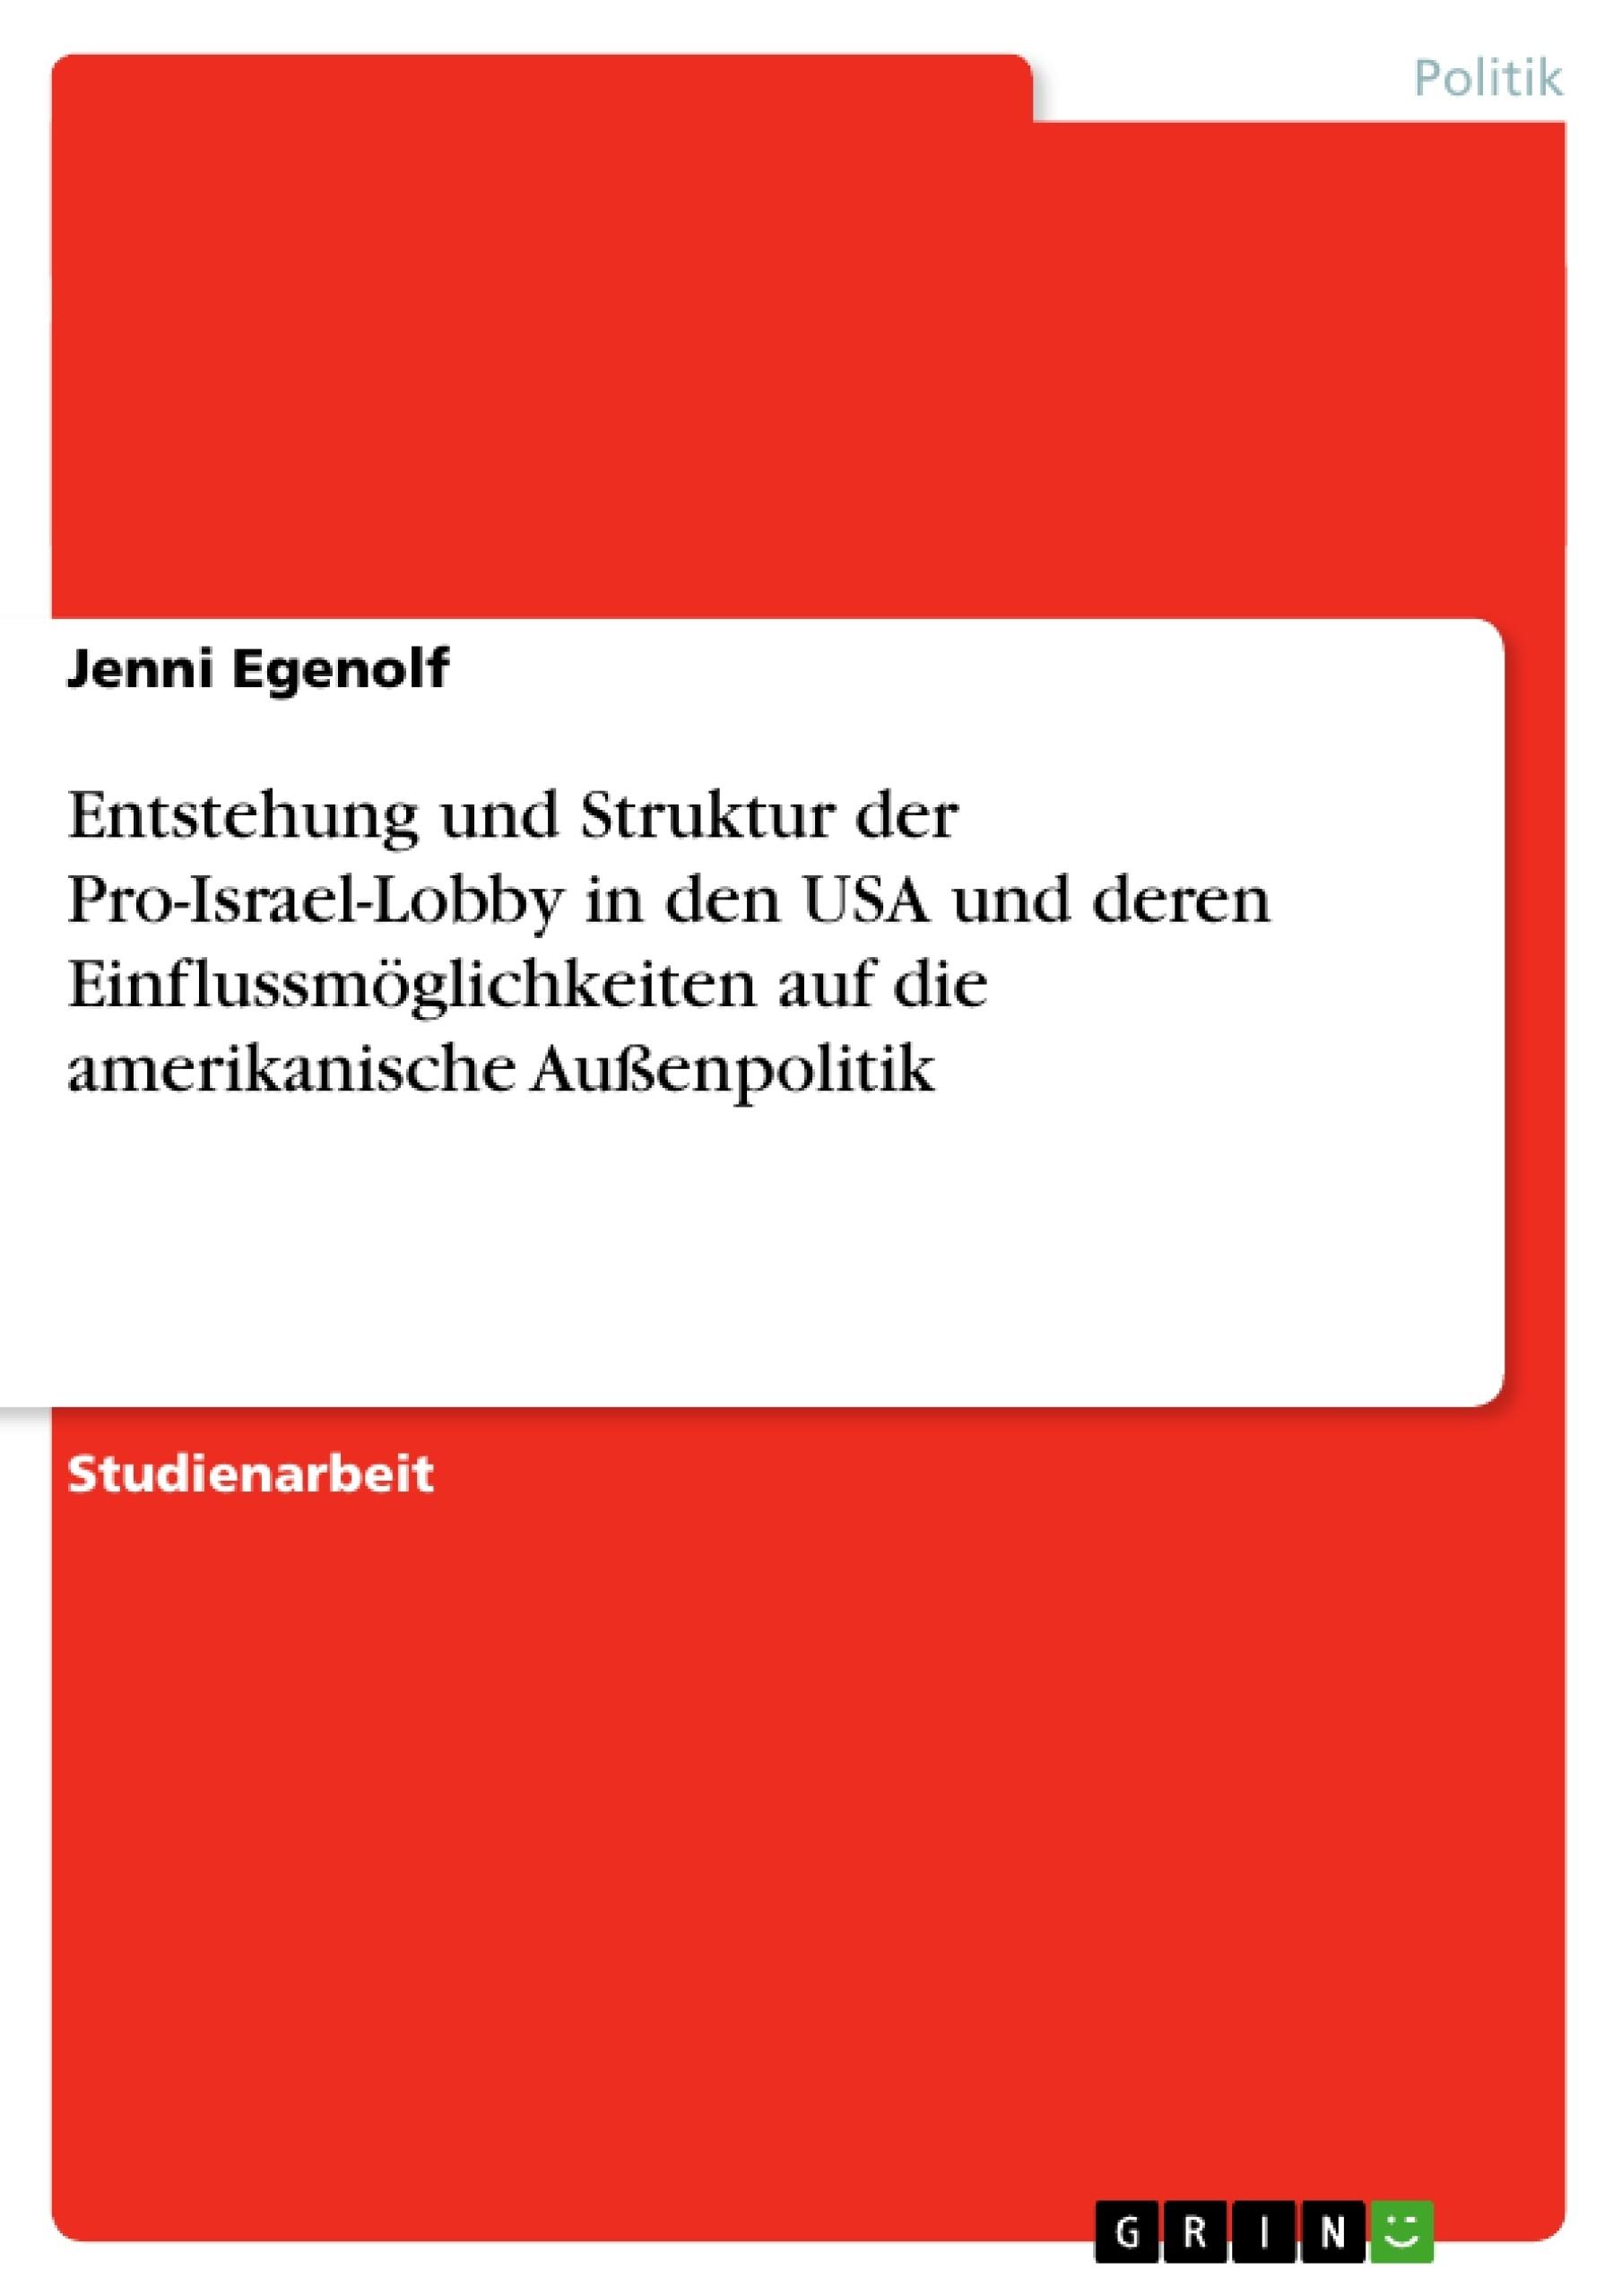 Titel: Entstehung und Struktur der Pro-Israel-Lobby in den USA und deren Einflussmöglichkeiten auf die amerikanische Außenpolitik